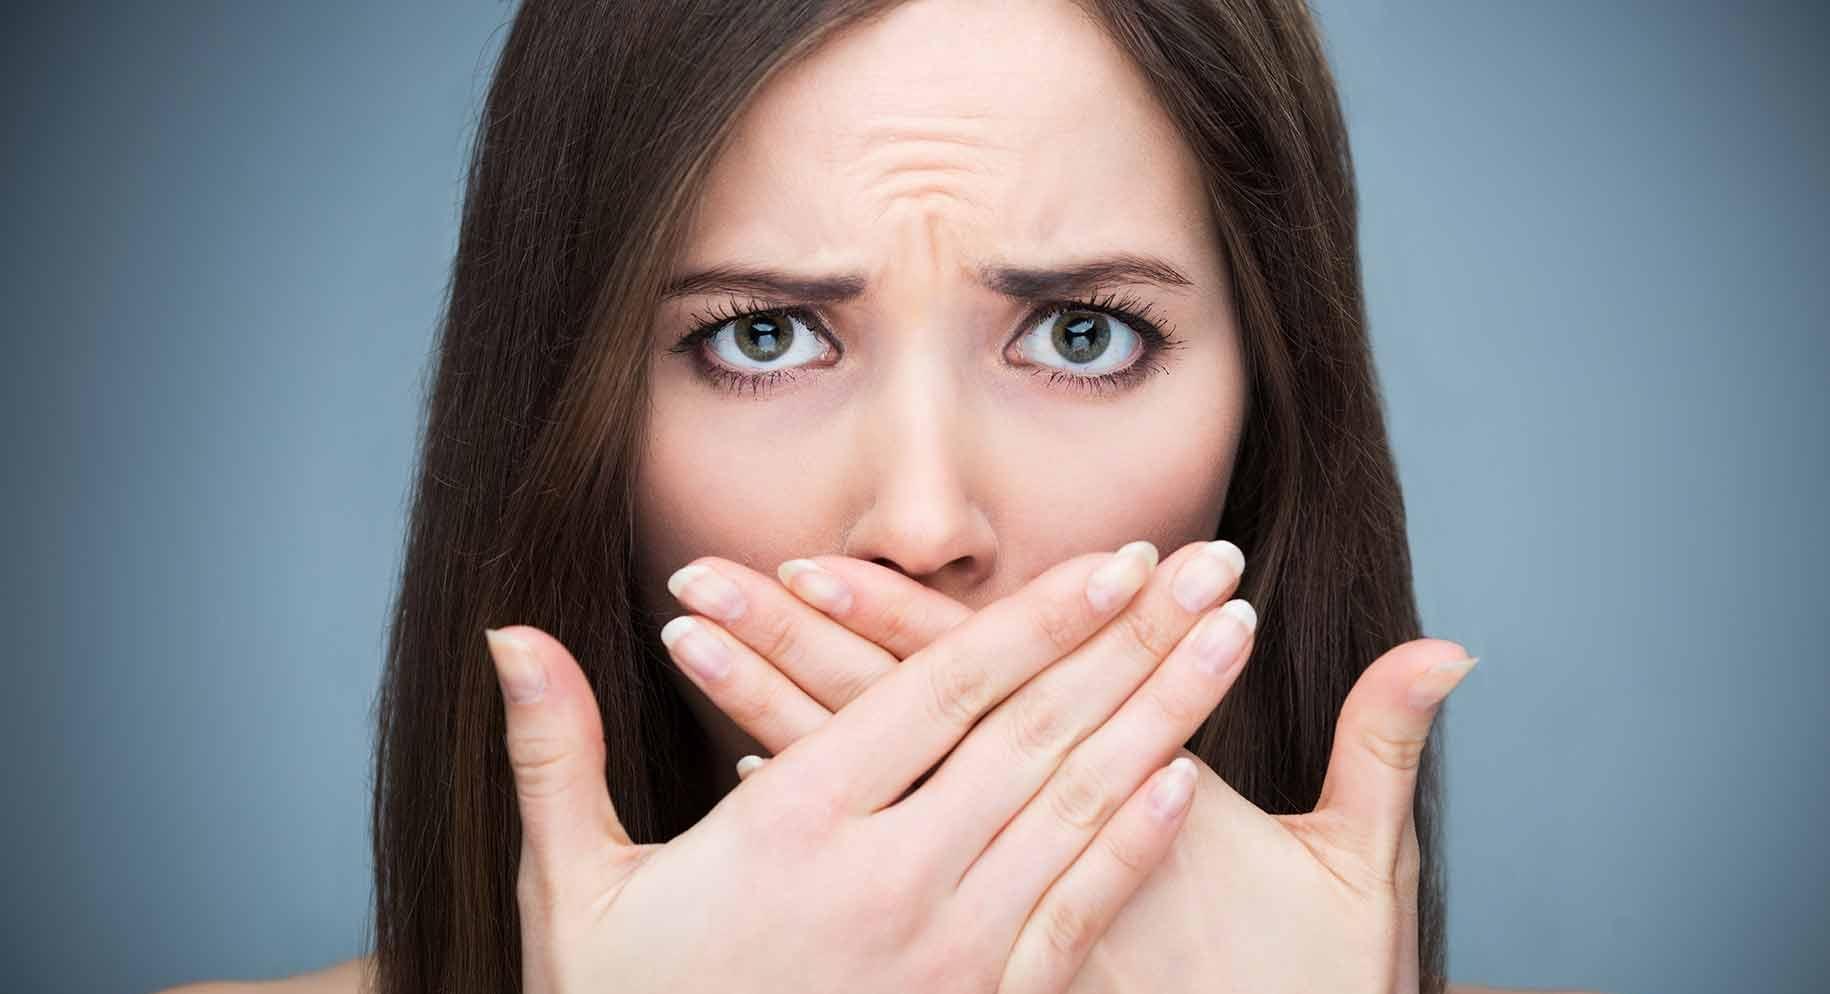 بوی بد دهان نشانه چیست و چگونه میتوانیم از شر این بوی بد خلاص شوید؟